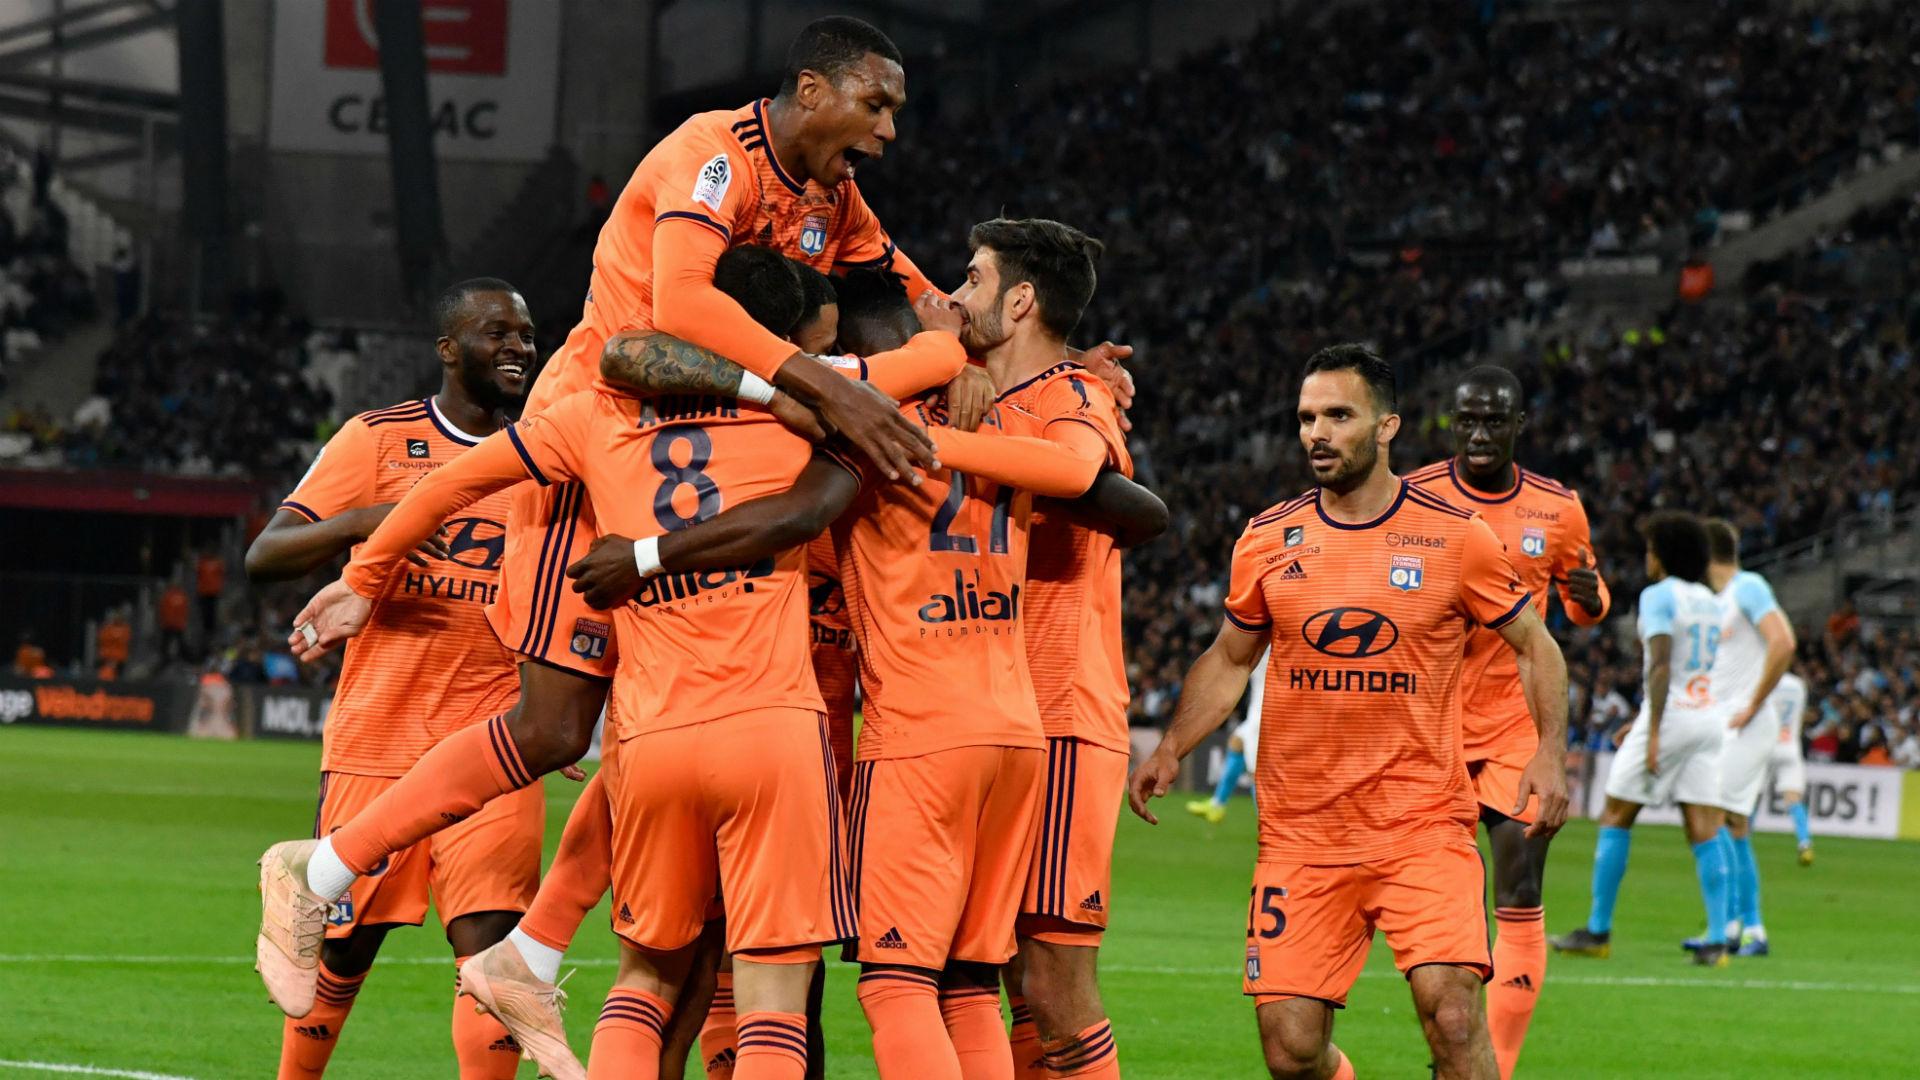 Olympique Lyonnais : le calendrier de Ligue 1 pour la saison 2019-2020